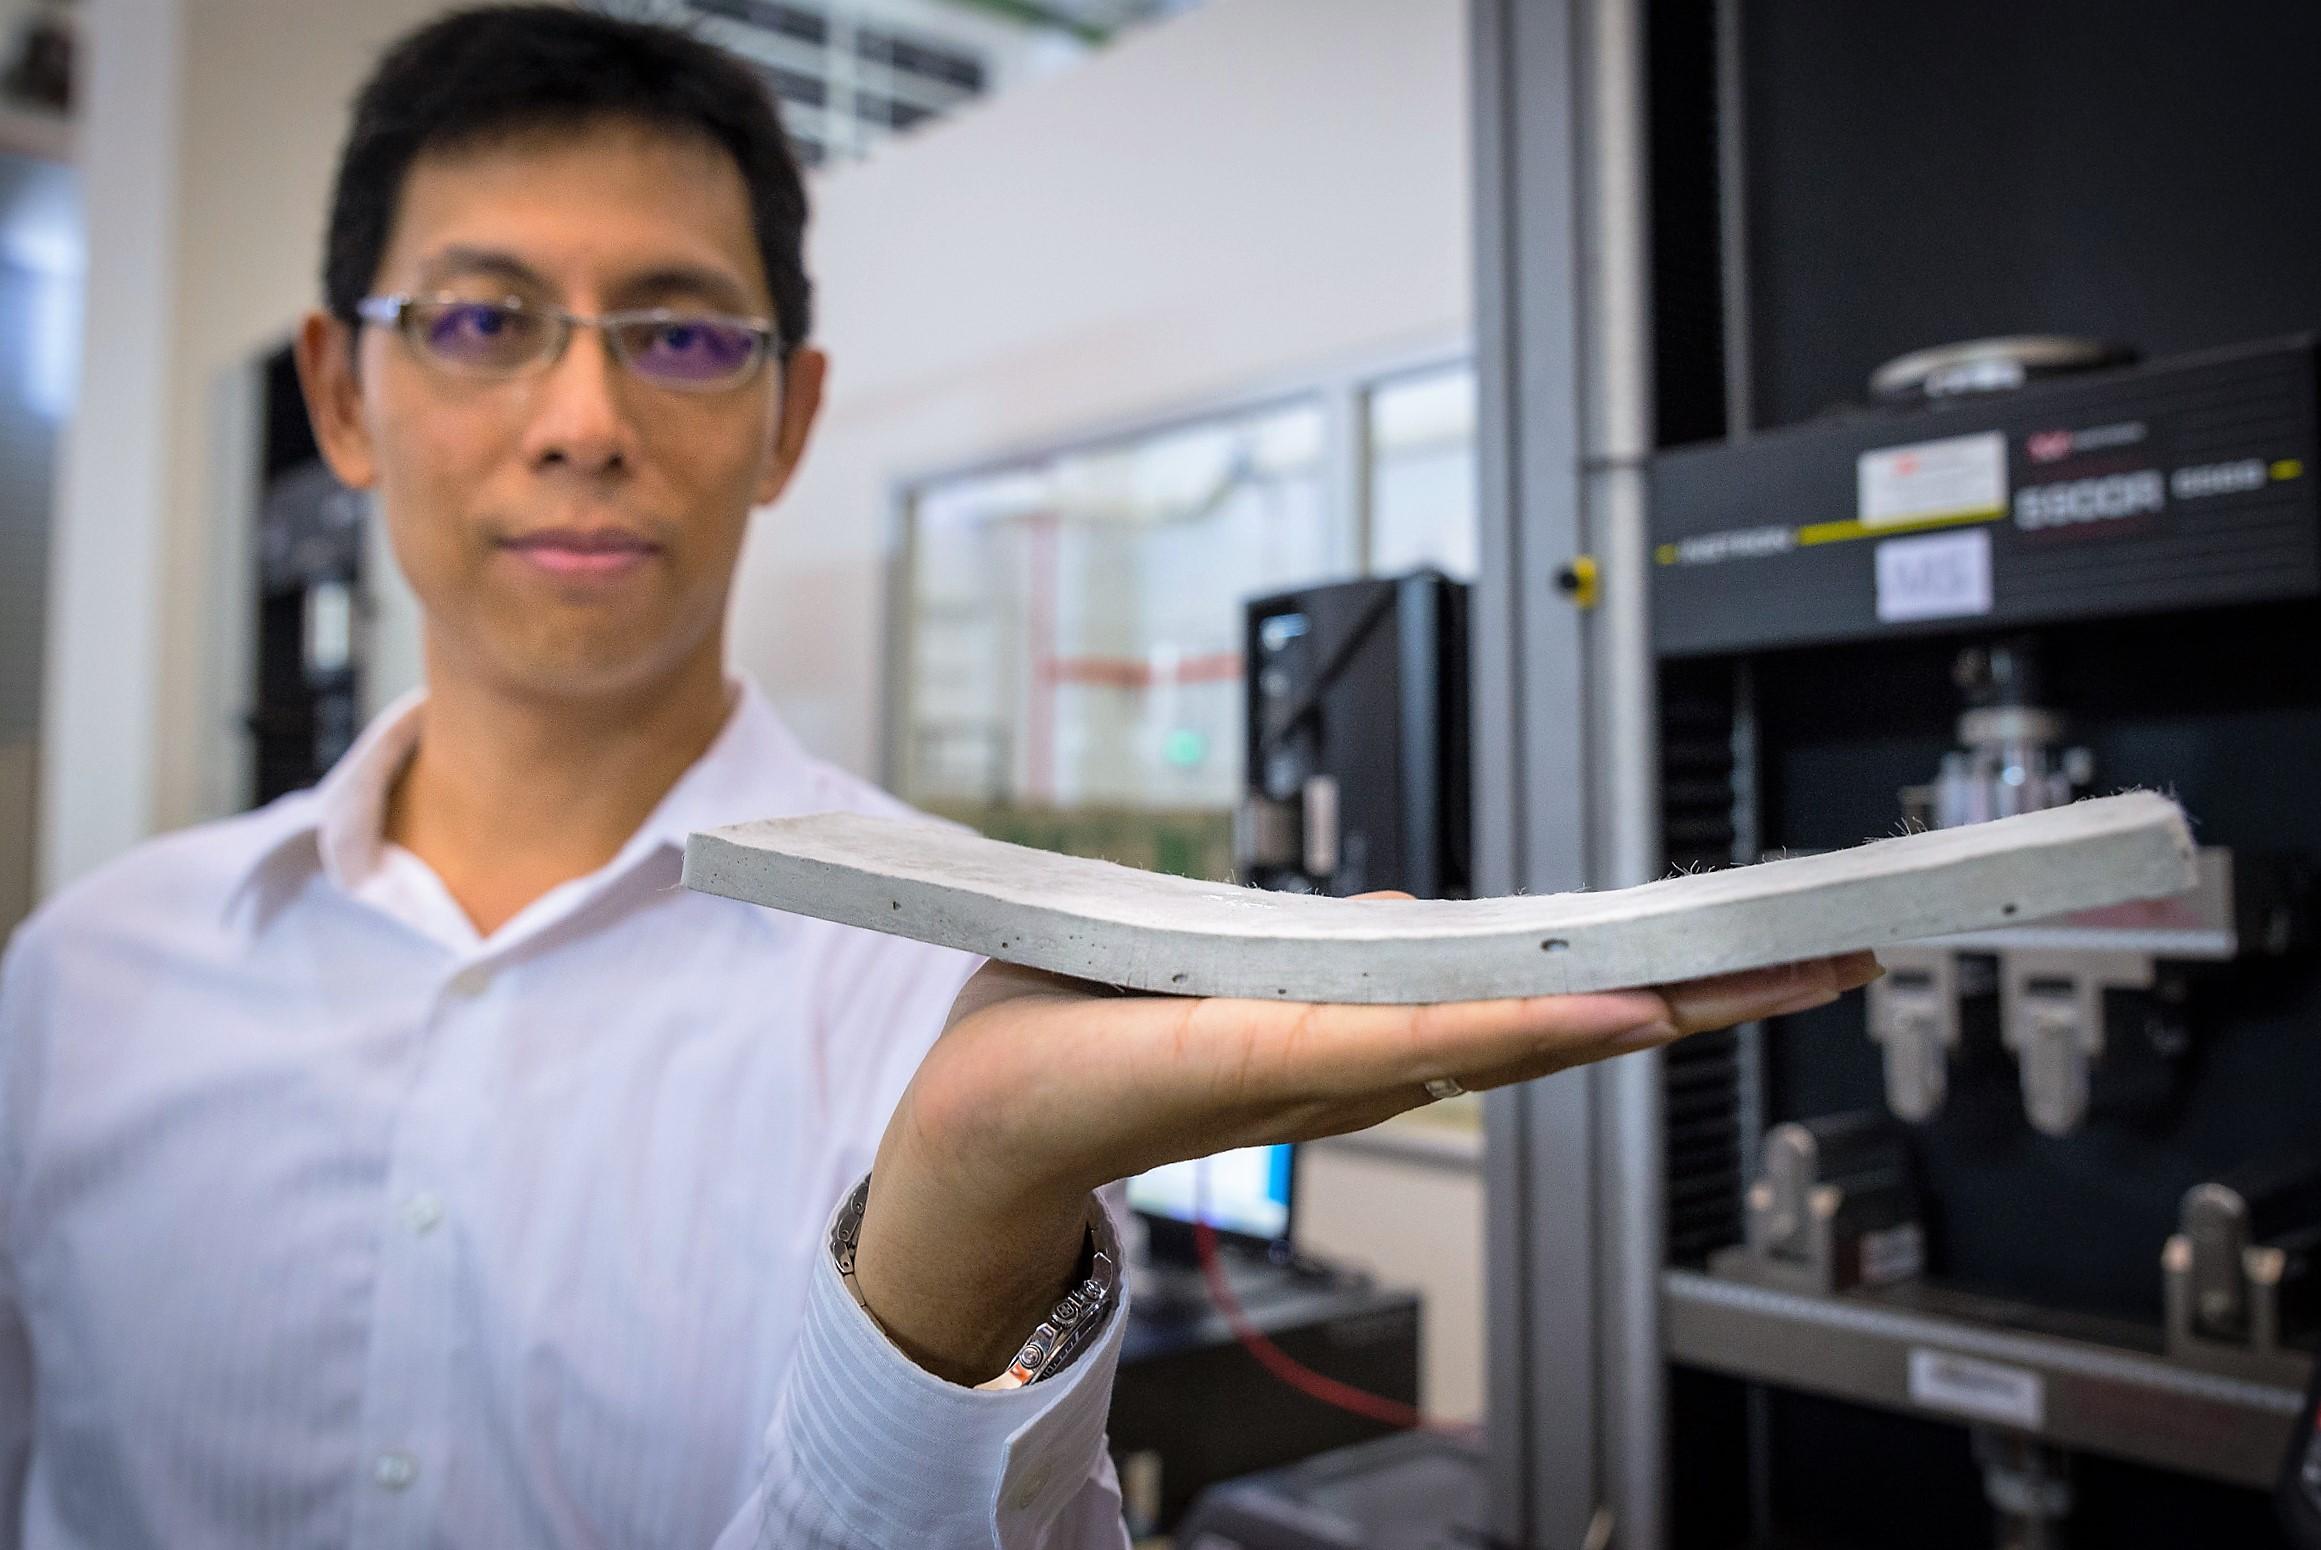 NTU Assistant Professor Yang En-Hua zeigt den flexiblen Beton, den sein Team entwickelt hat.